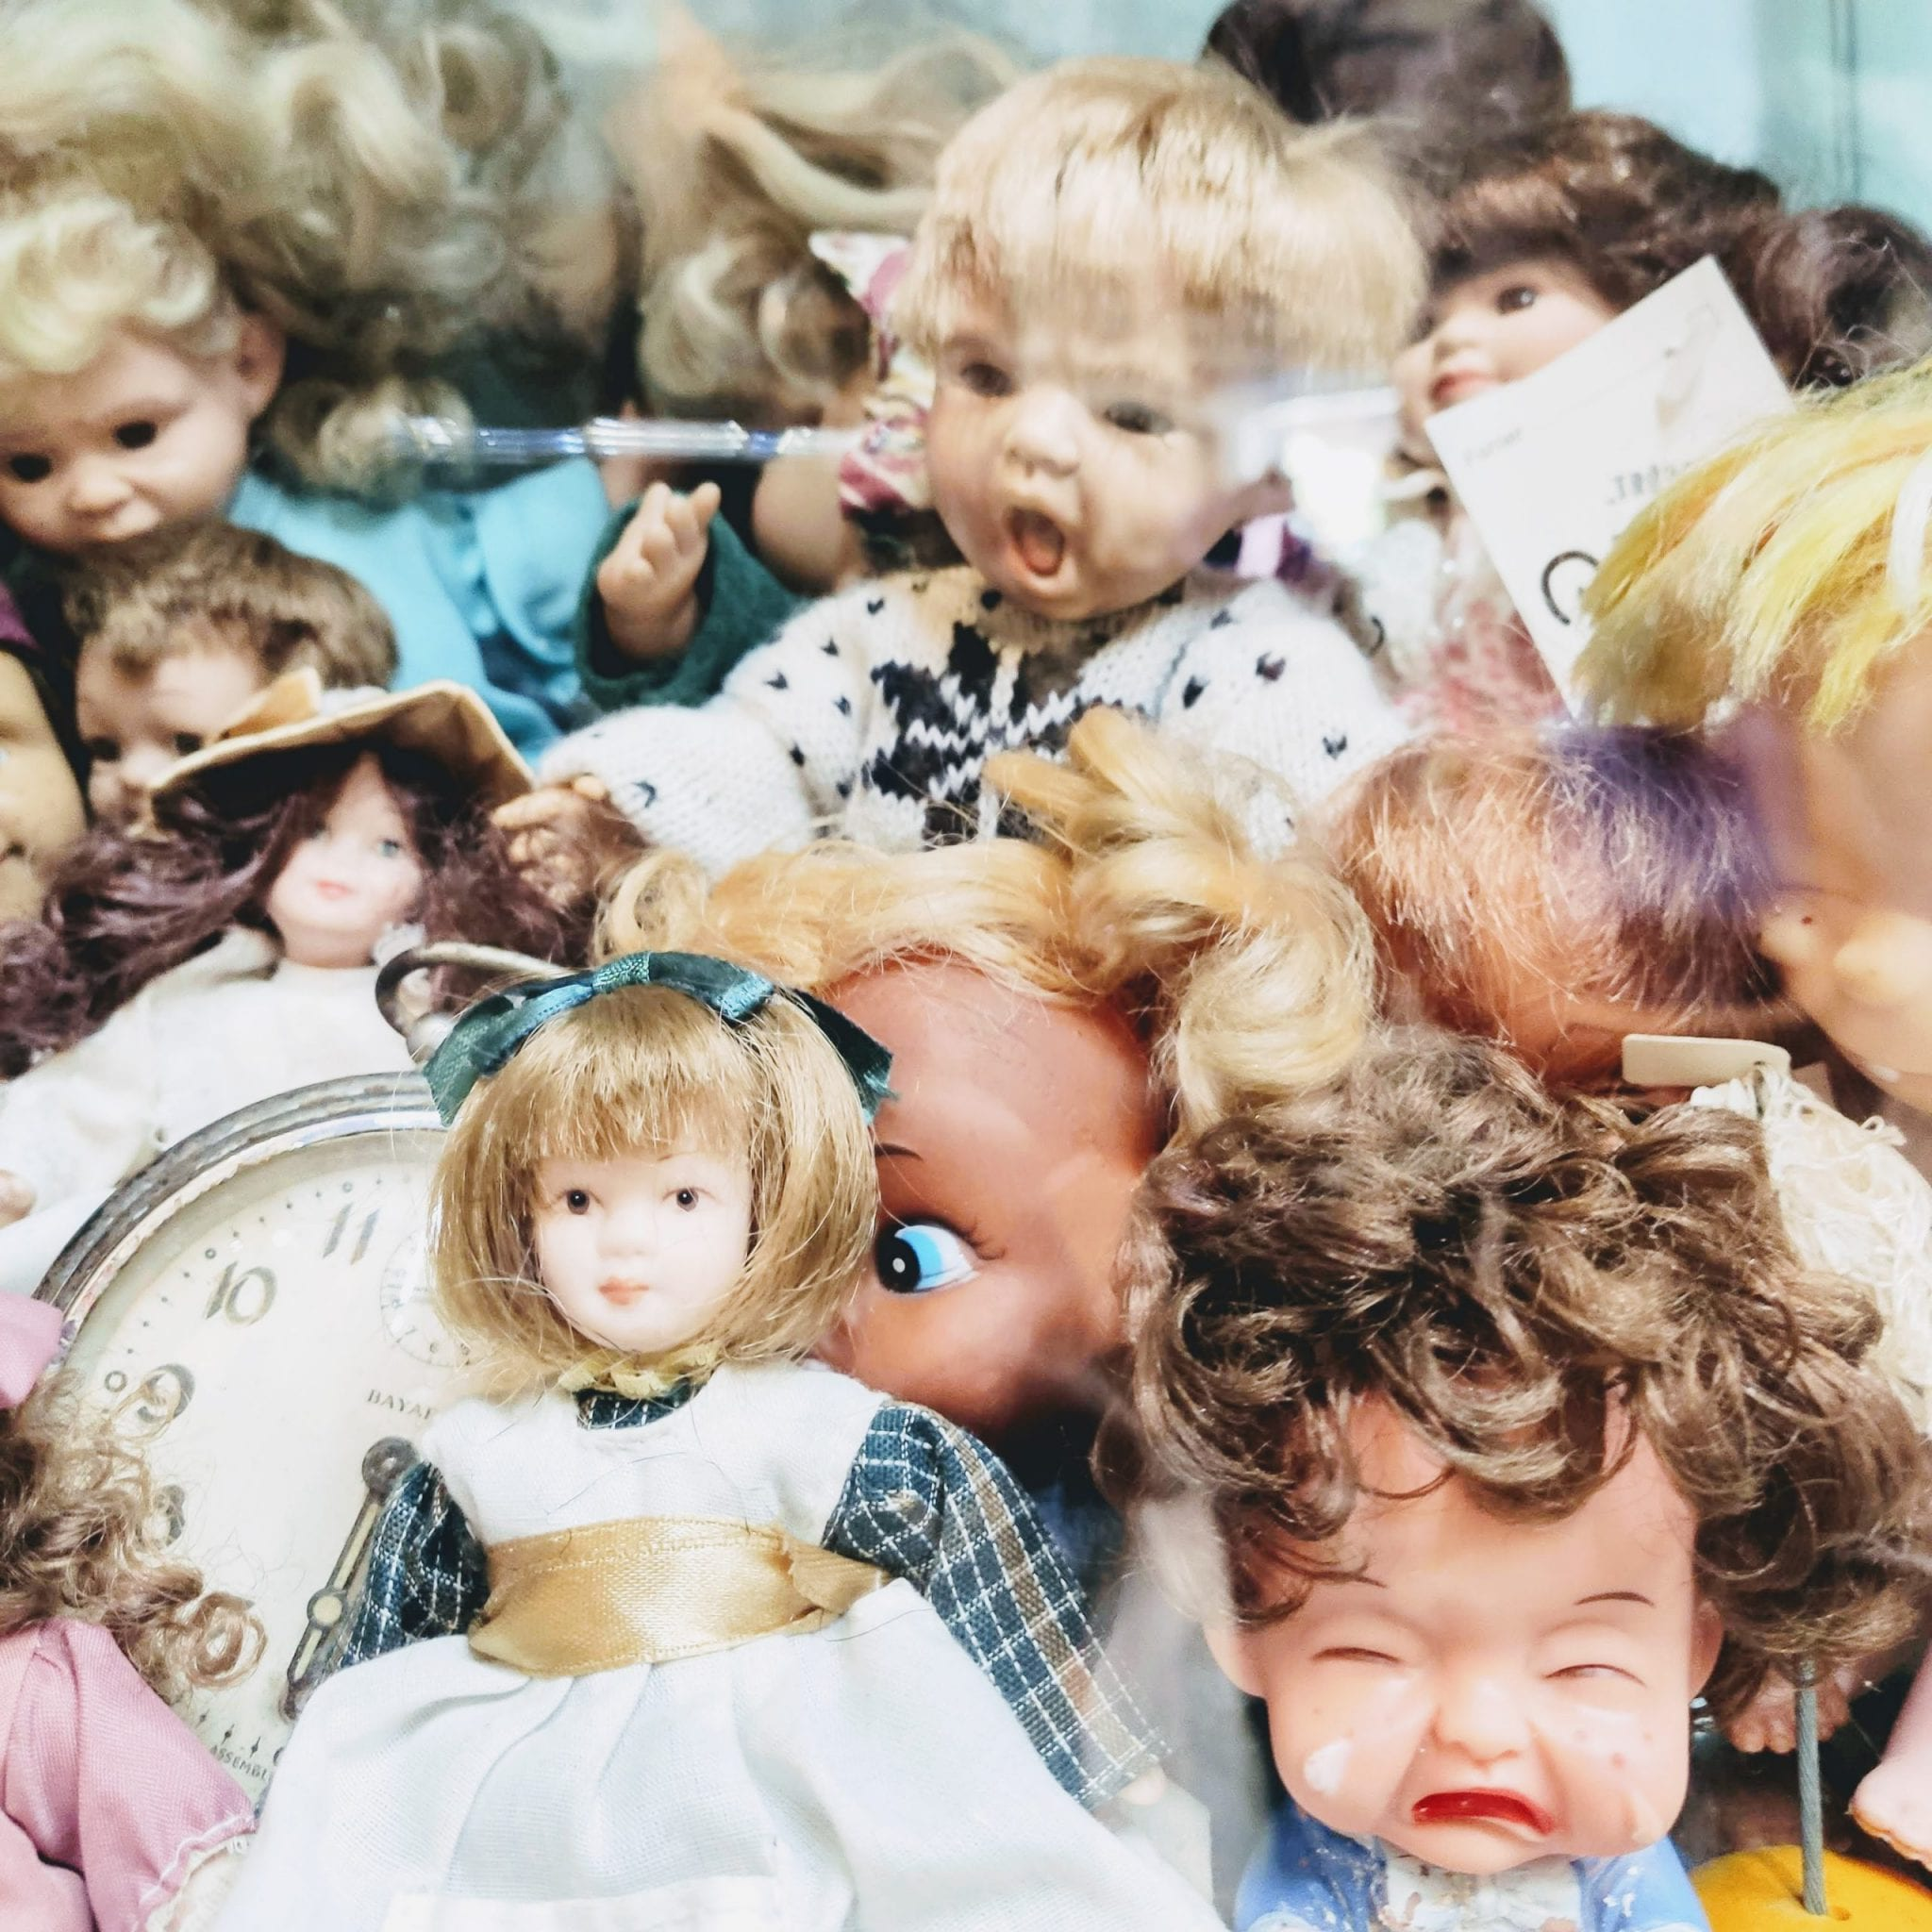 בובה זהבה שוק הפשפשים בחיפה